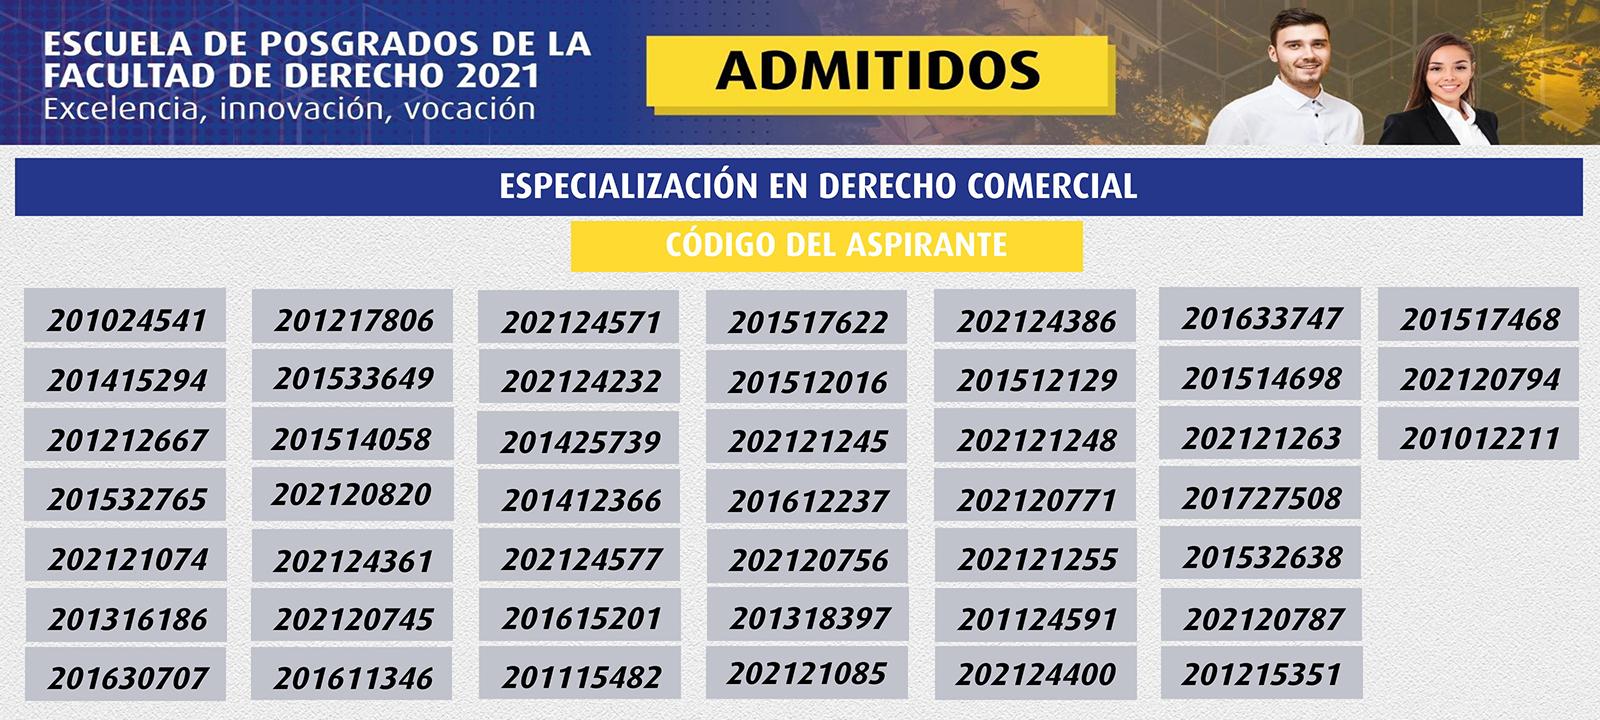 Admitidos 2021 | Especialización en Derecho Comercial | Uniandes